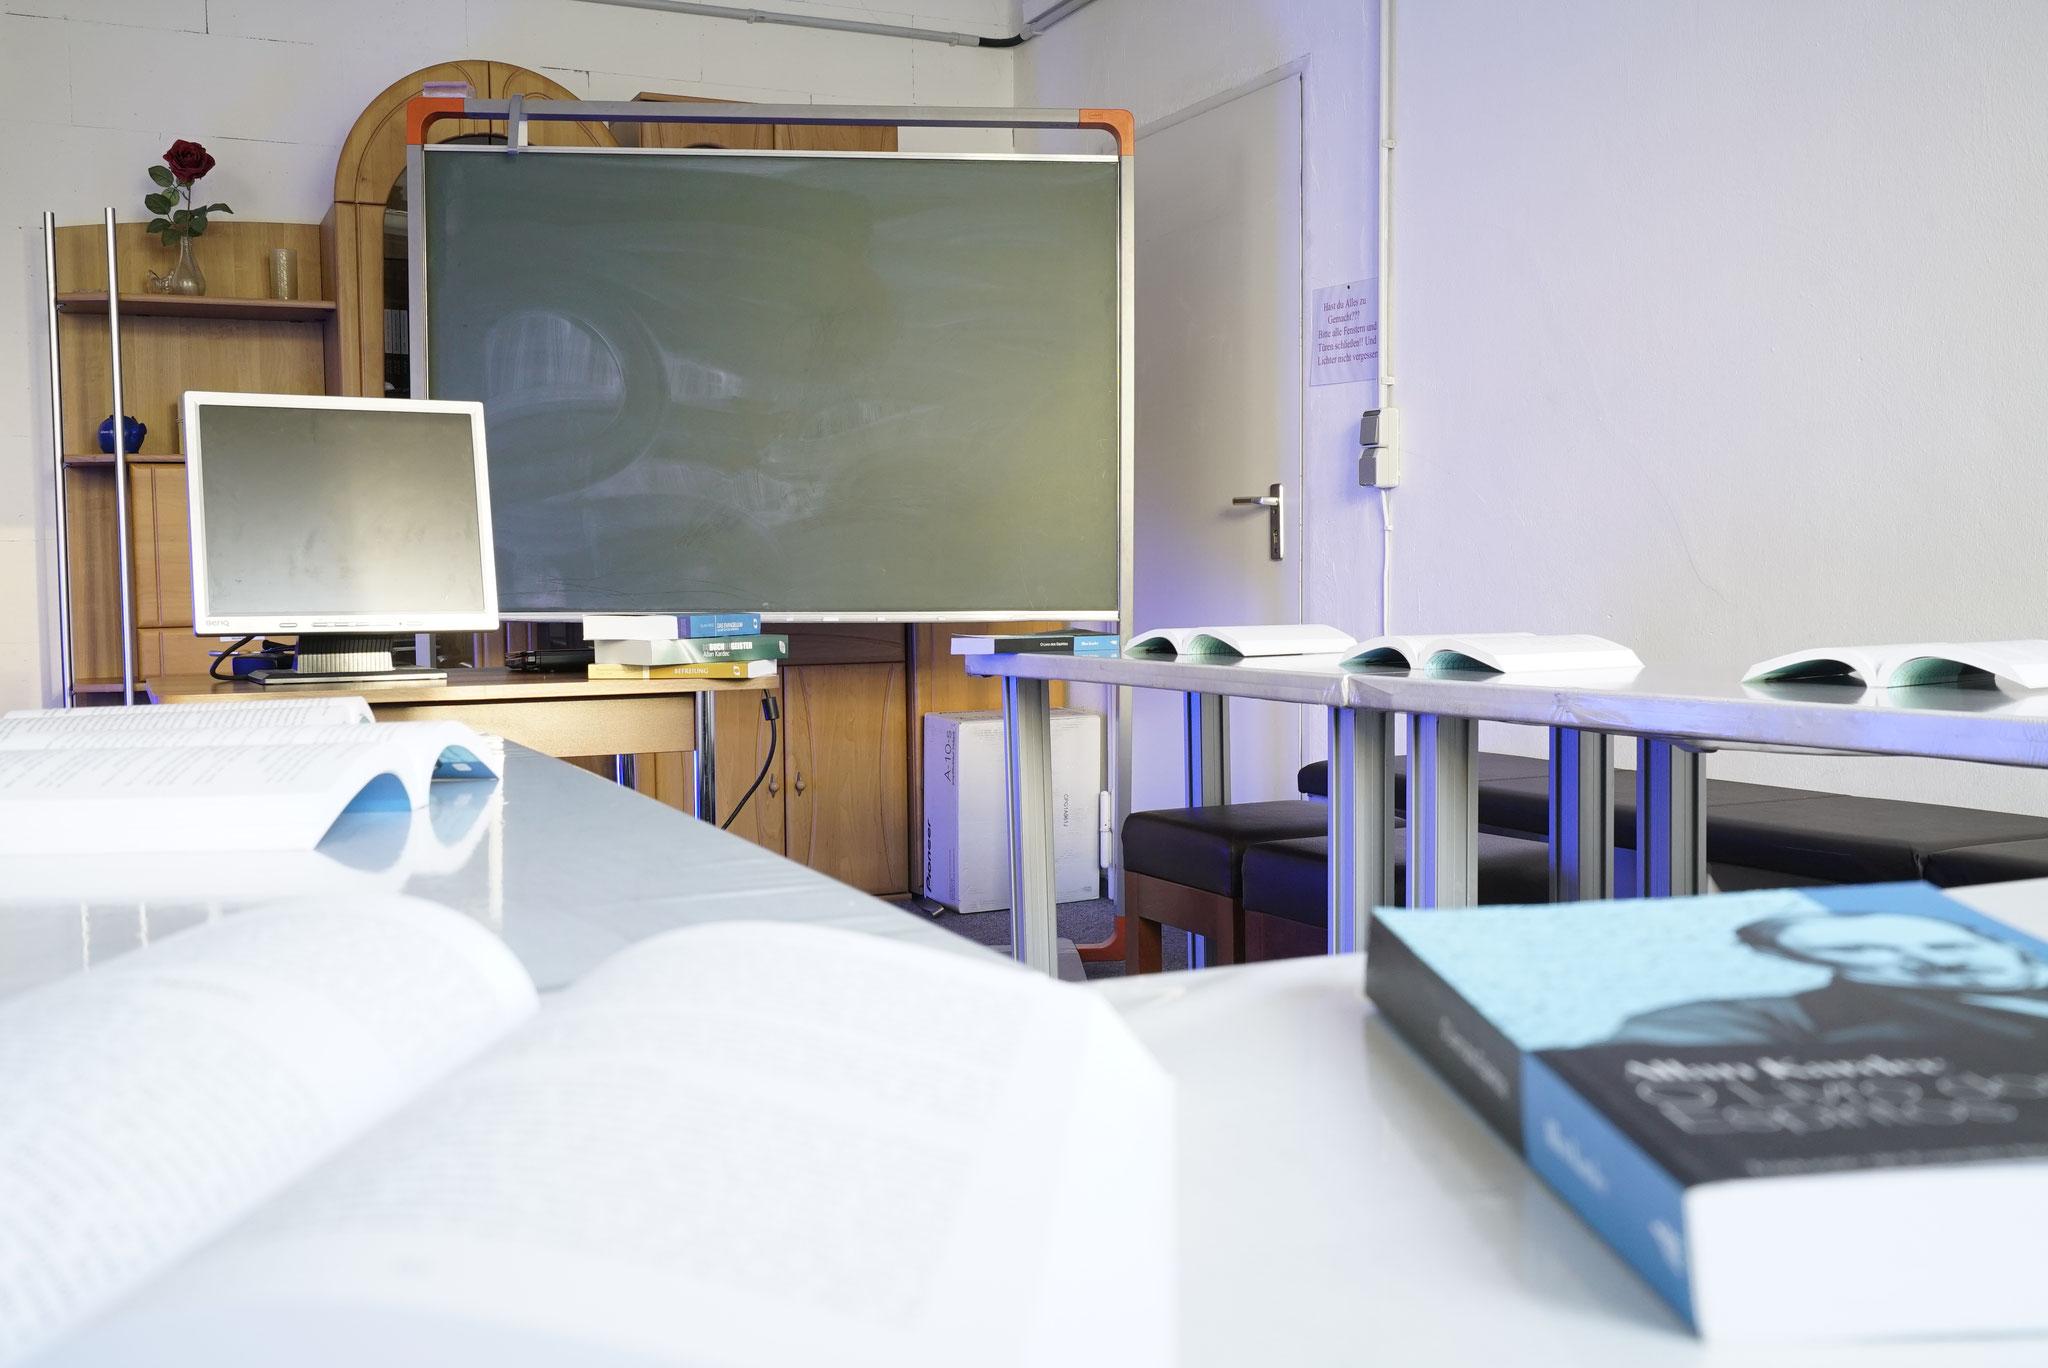 Lern- und Studienraum